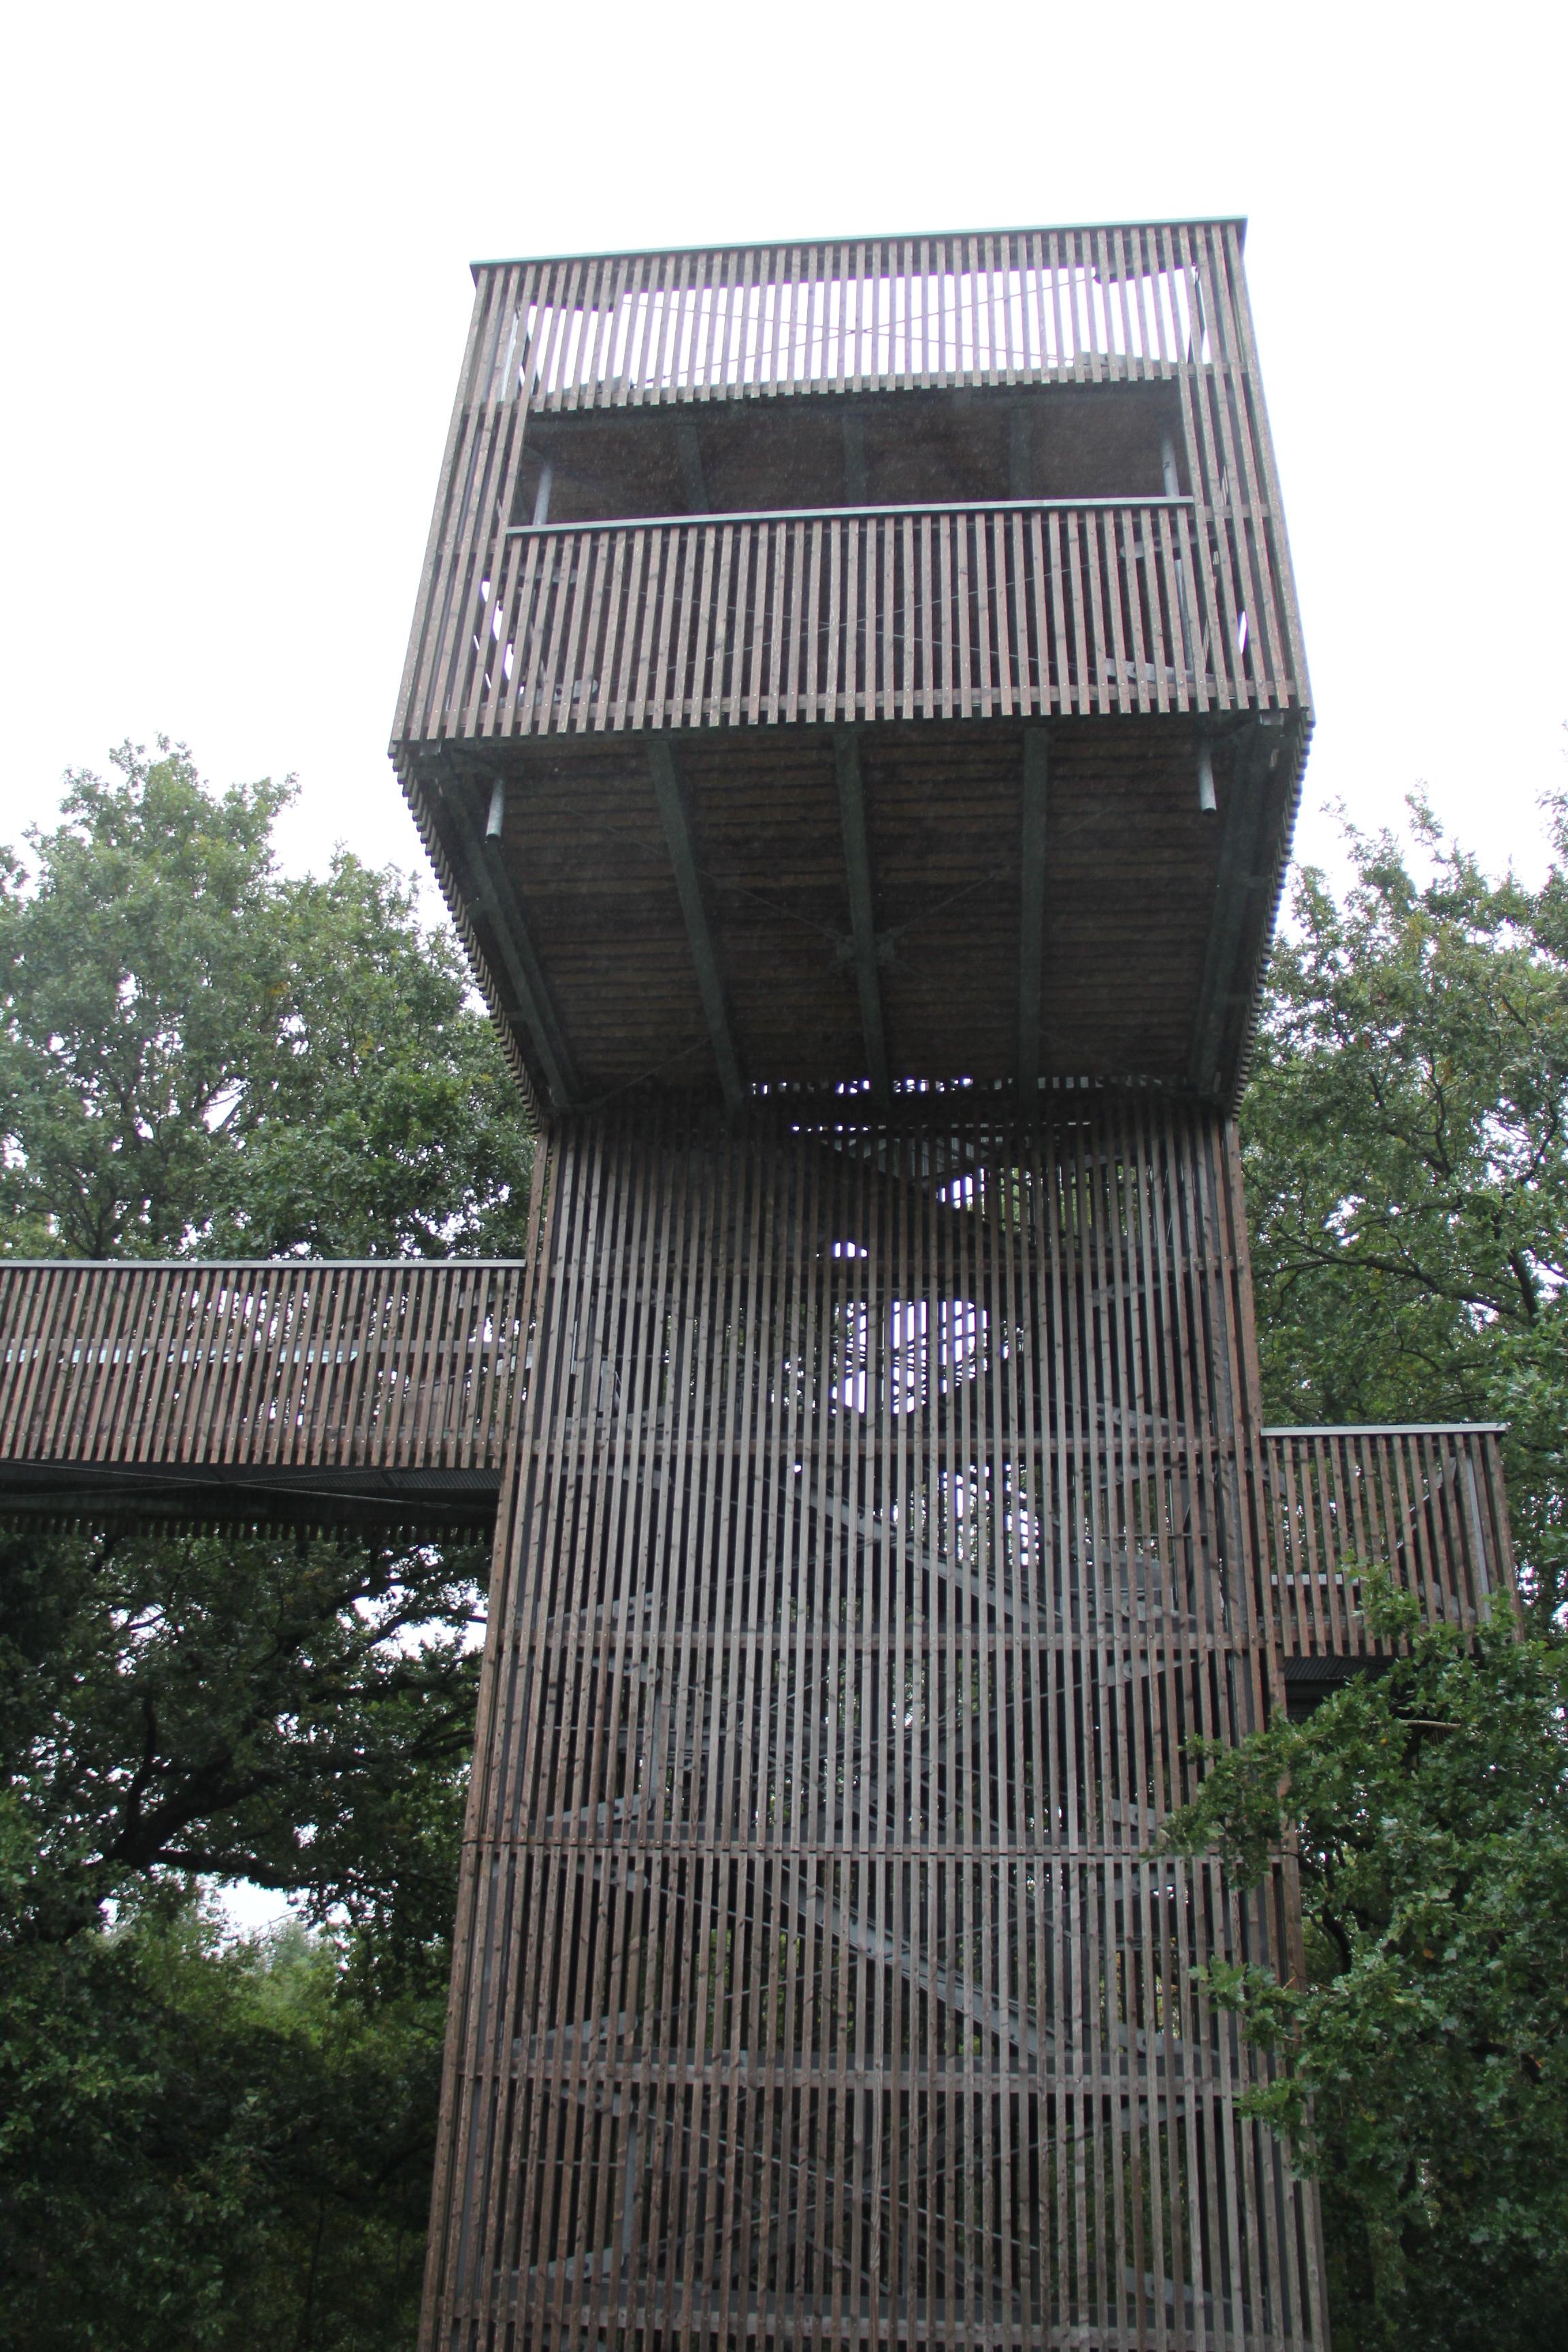 Der Baumkronenturm